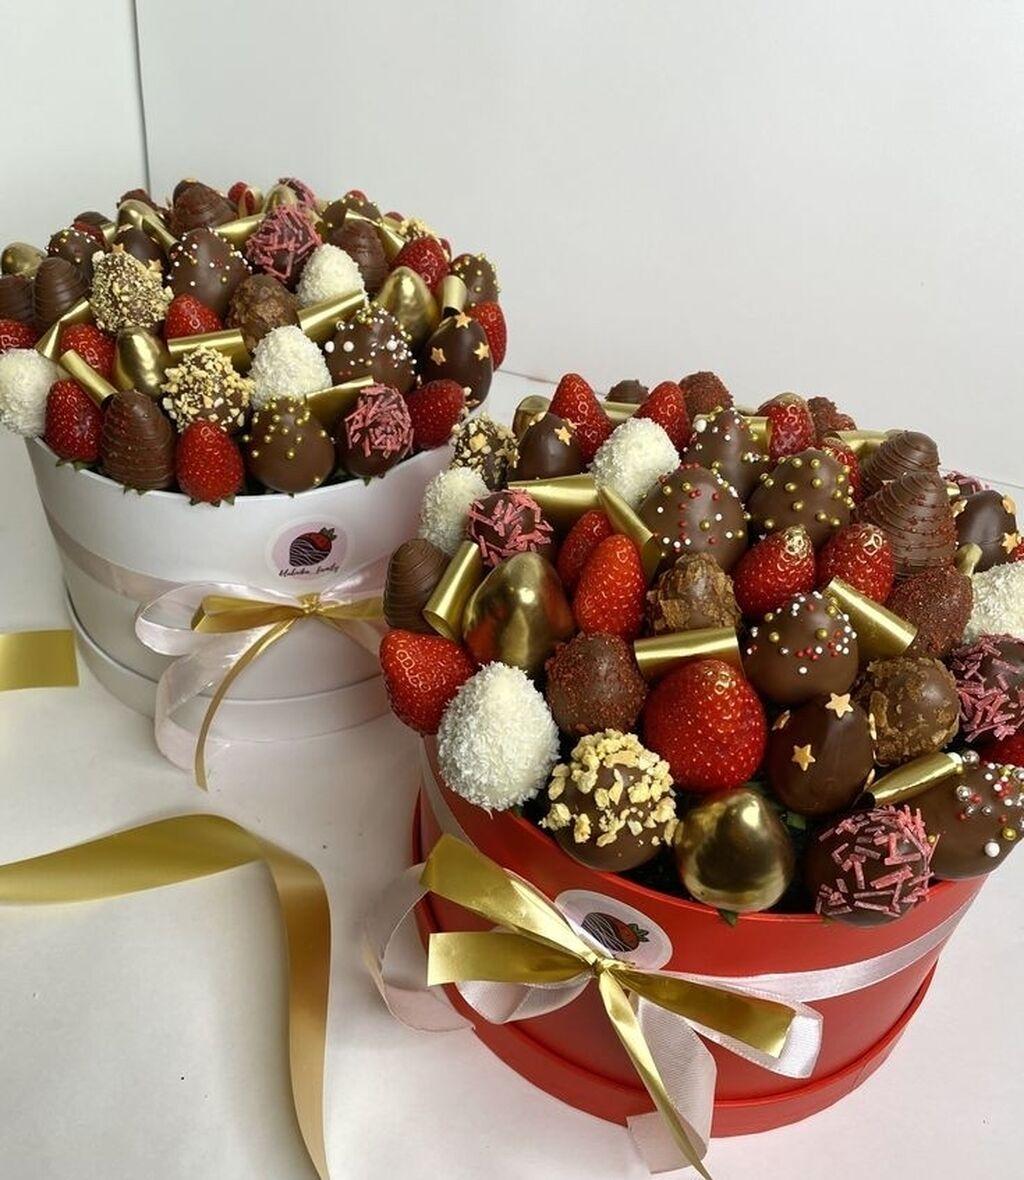 Сладкая коробочка-миксКлубника в шоколадеи бананы-мишкиТакое: Сладкая коробочка-миксКлубника в шоколадеи бананы-мишкиТакое